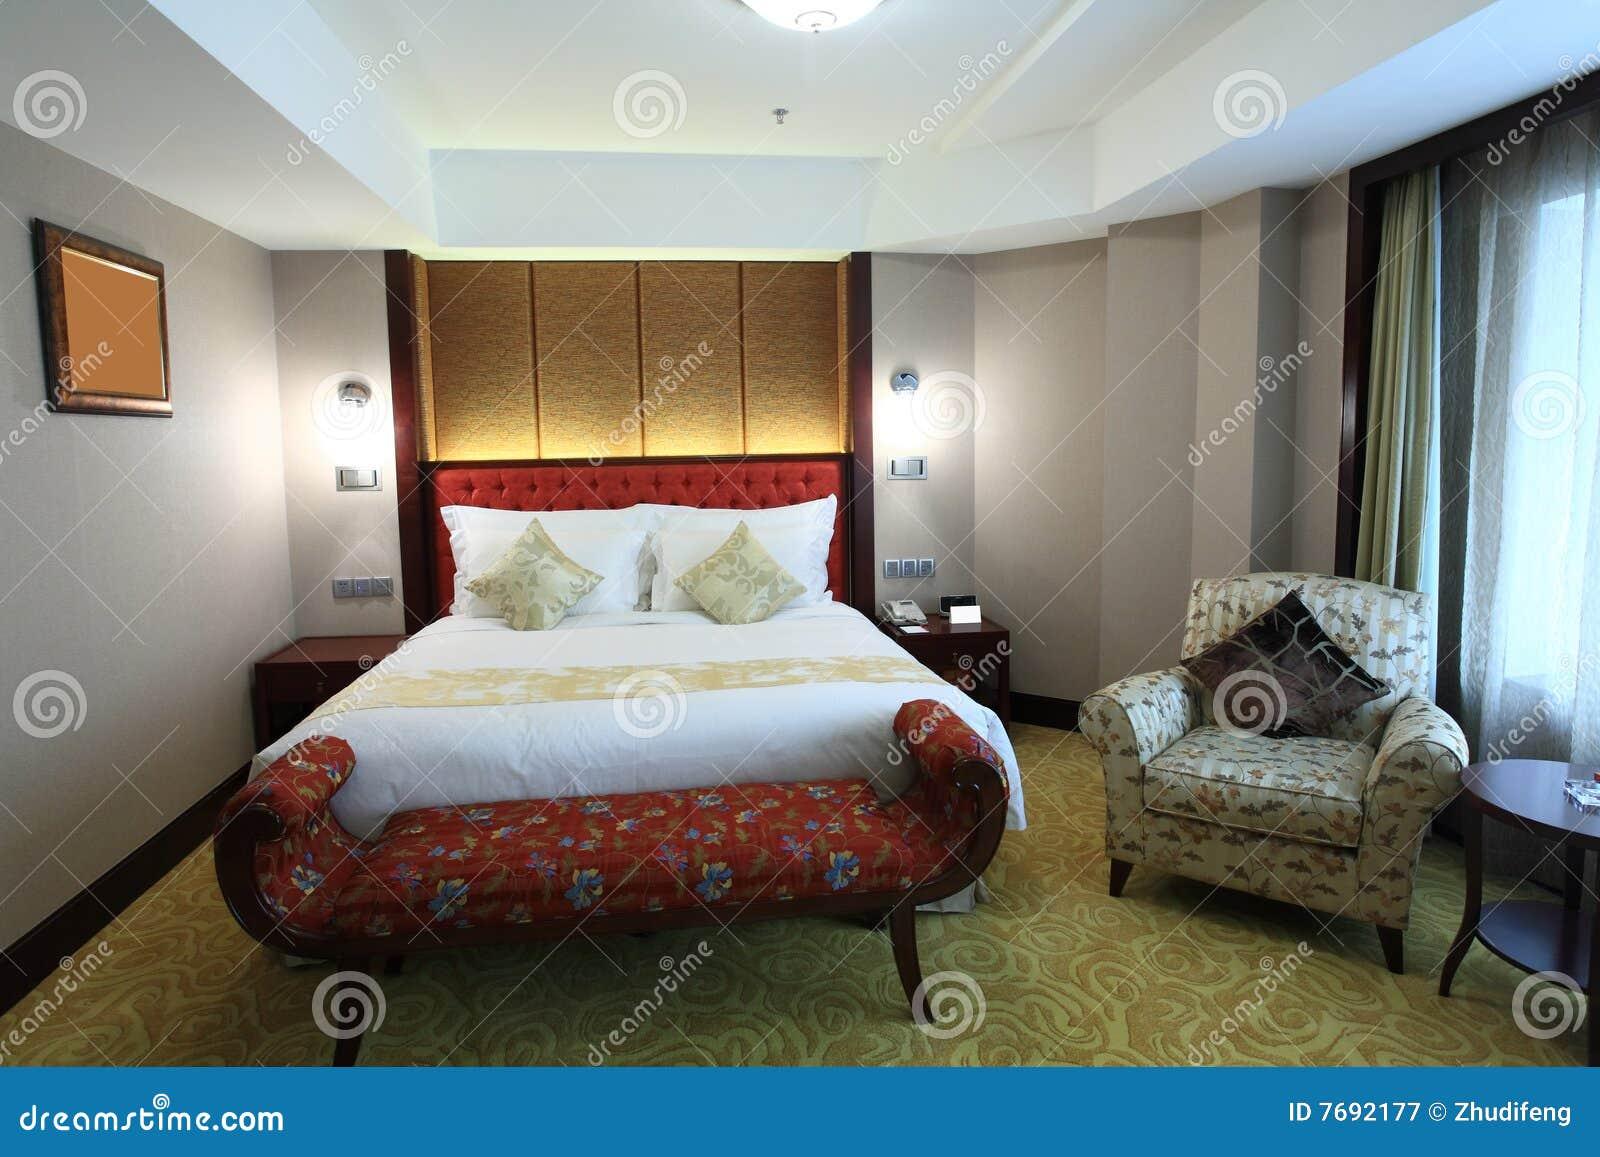 Bed In Woonkamer : Bed in woonkamer stock afbeelding afbeelding bestaande uit